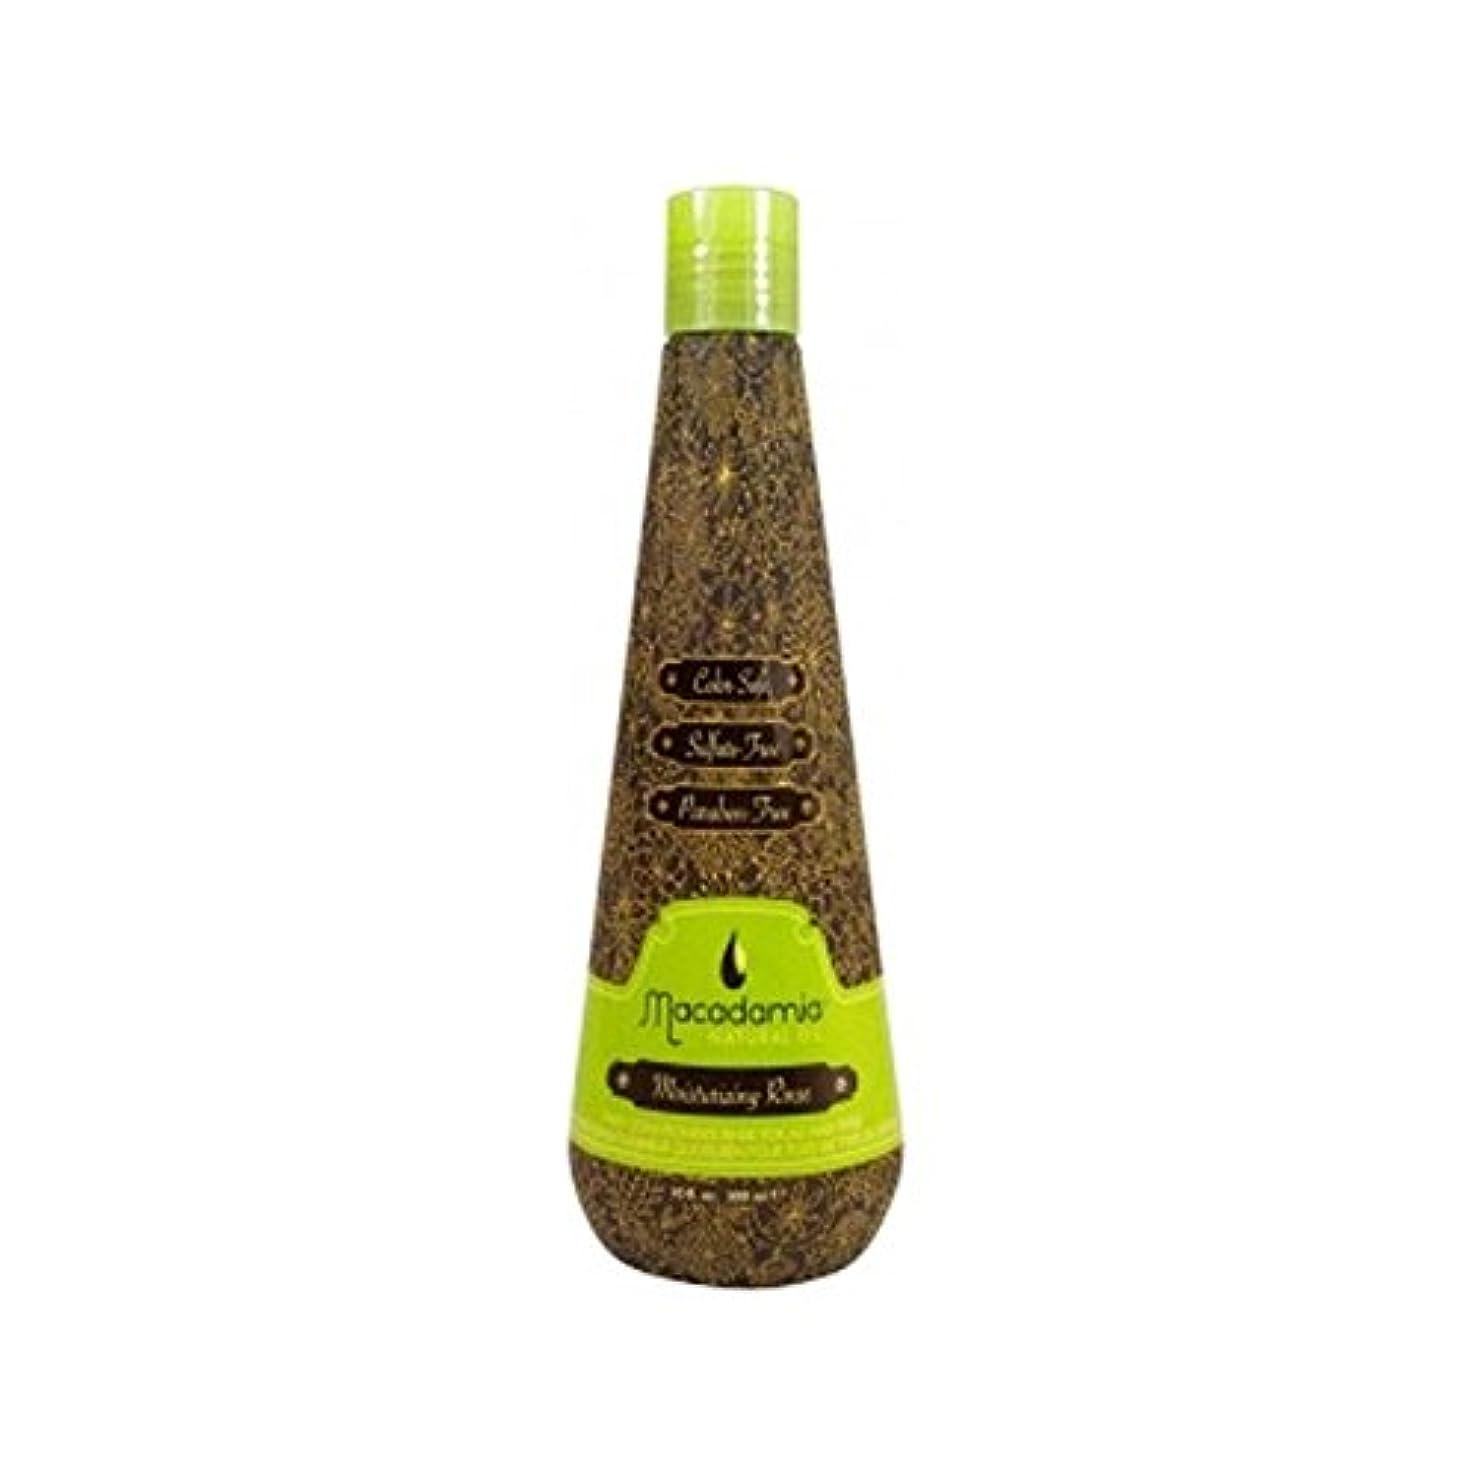 折愛されし者かまどマカダミア保湿リンス(300ミリリットル) x4 - Macadamia Moisturising Rinse (300ml) (Pack of 4) [並行輸入品]